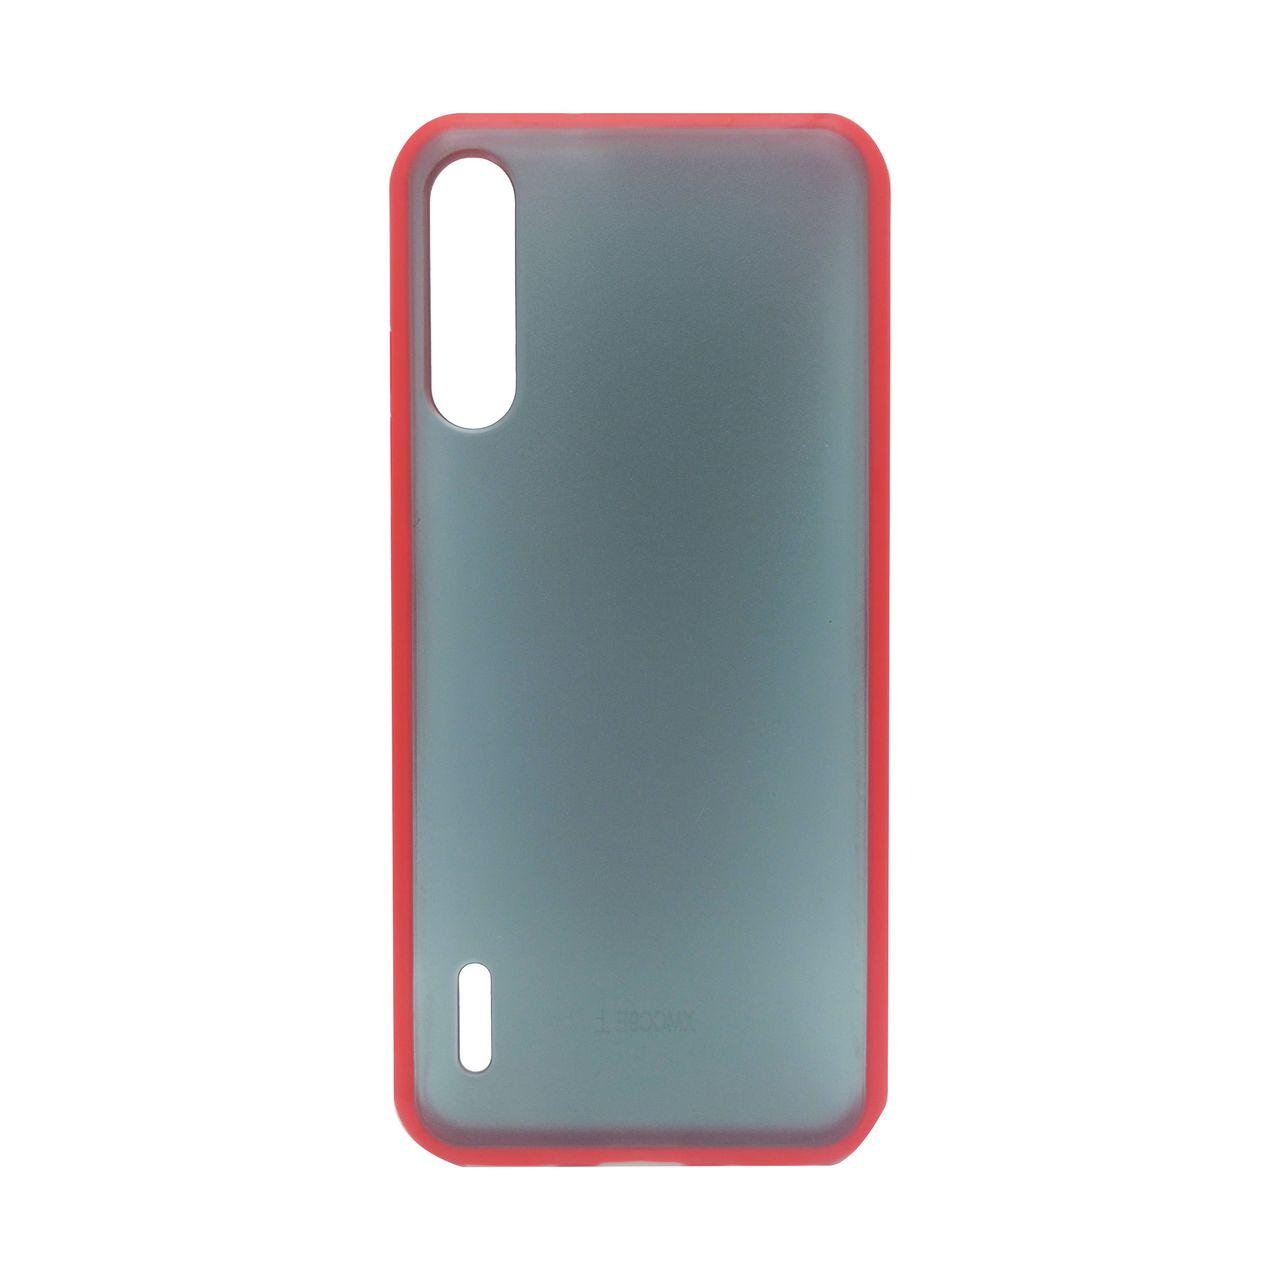 کاور مدل PMA03 مناسب برای گوشی موبایل شیائومی MI A3